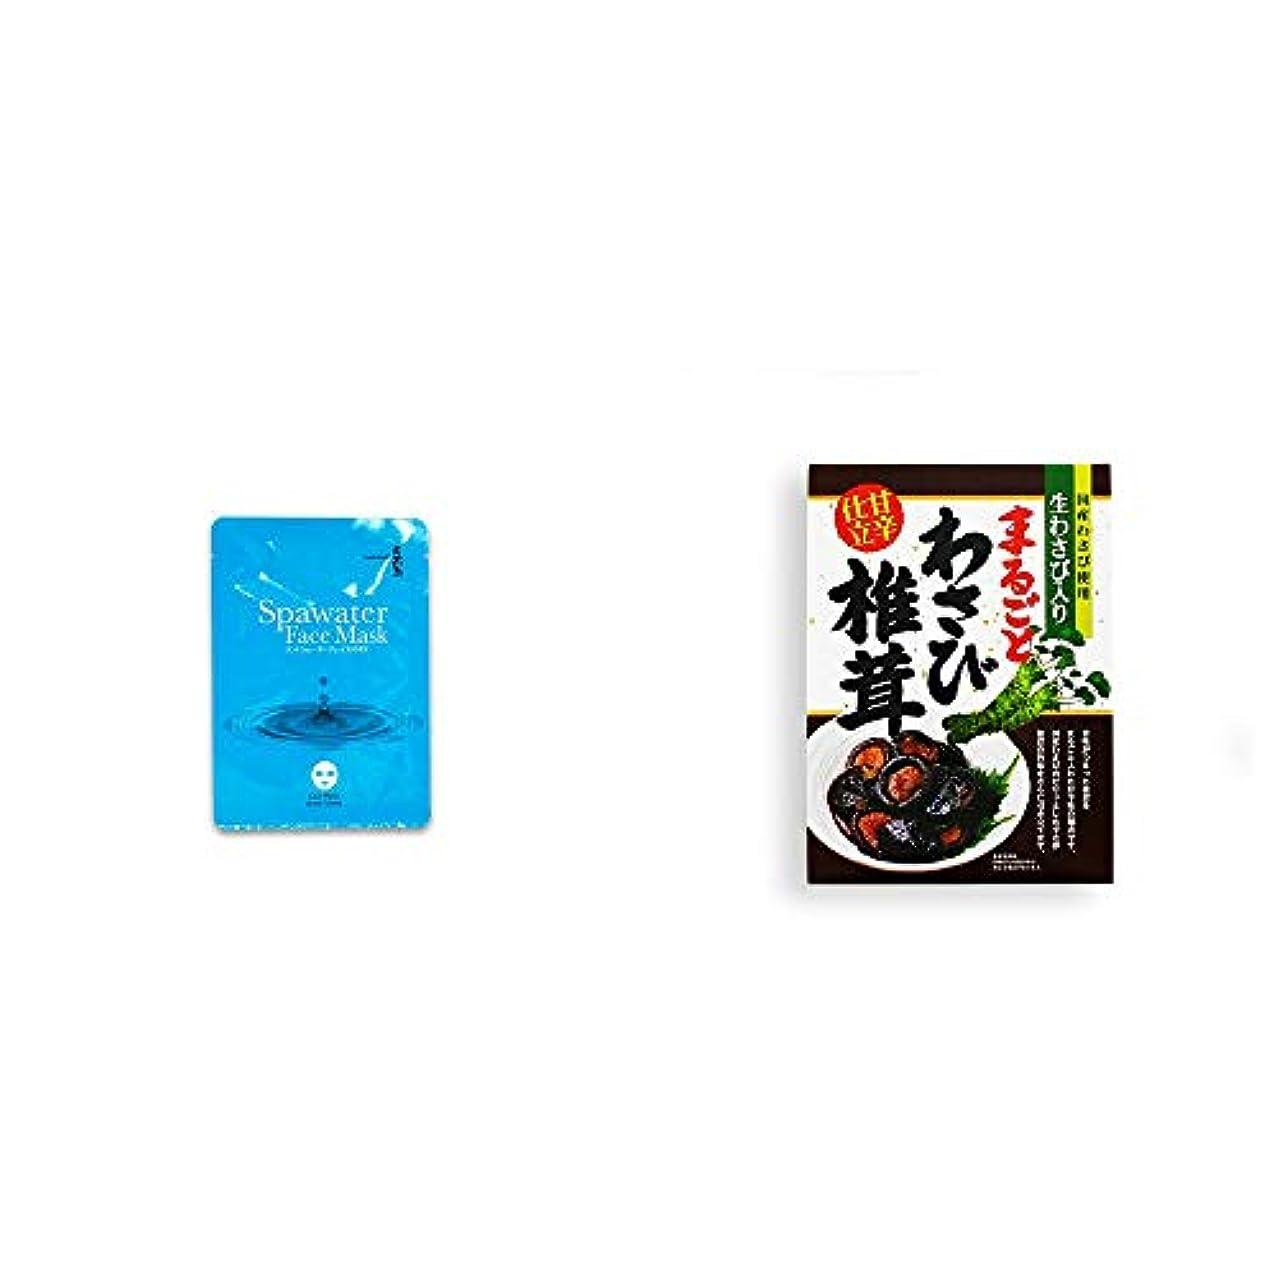 剥離争うオープナー[2点セット] ひのき炭黒泉 スパウォーターフェイスマスク(18ml×3枚入)・まるごとわさび椎茸(200g)